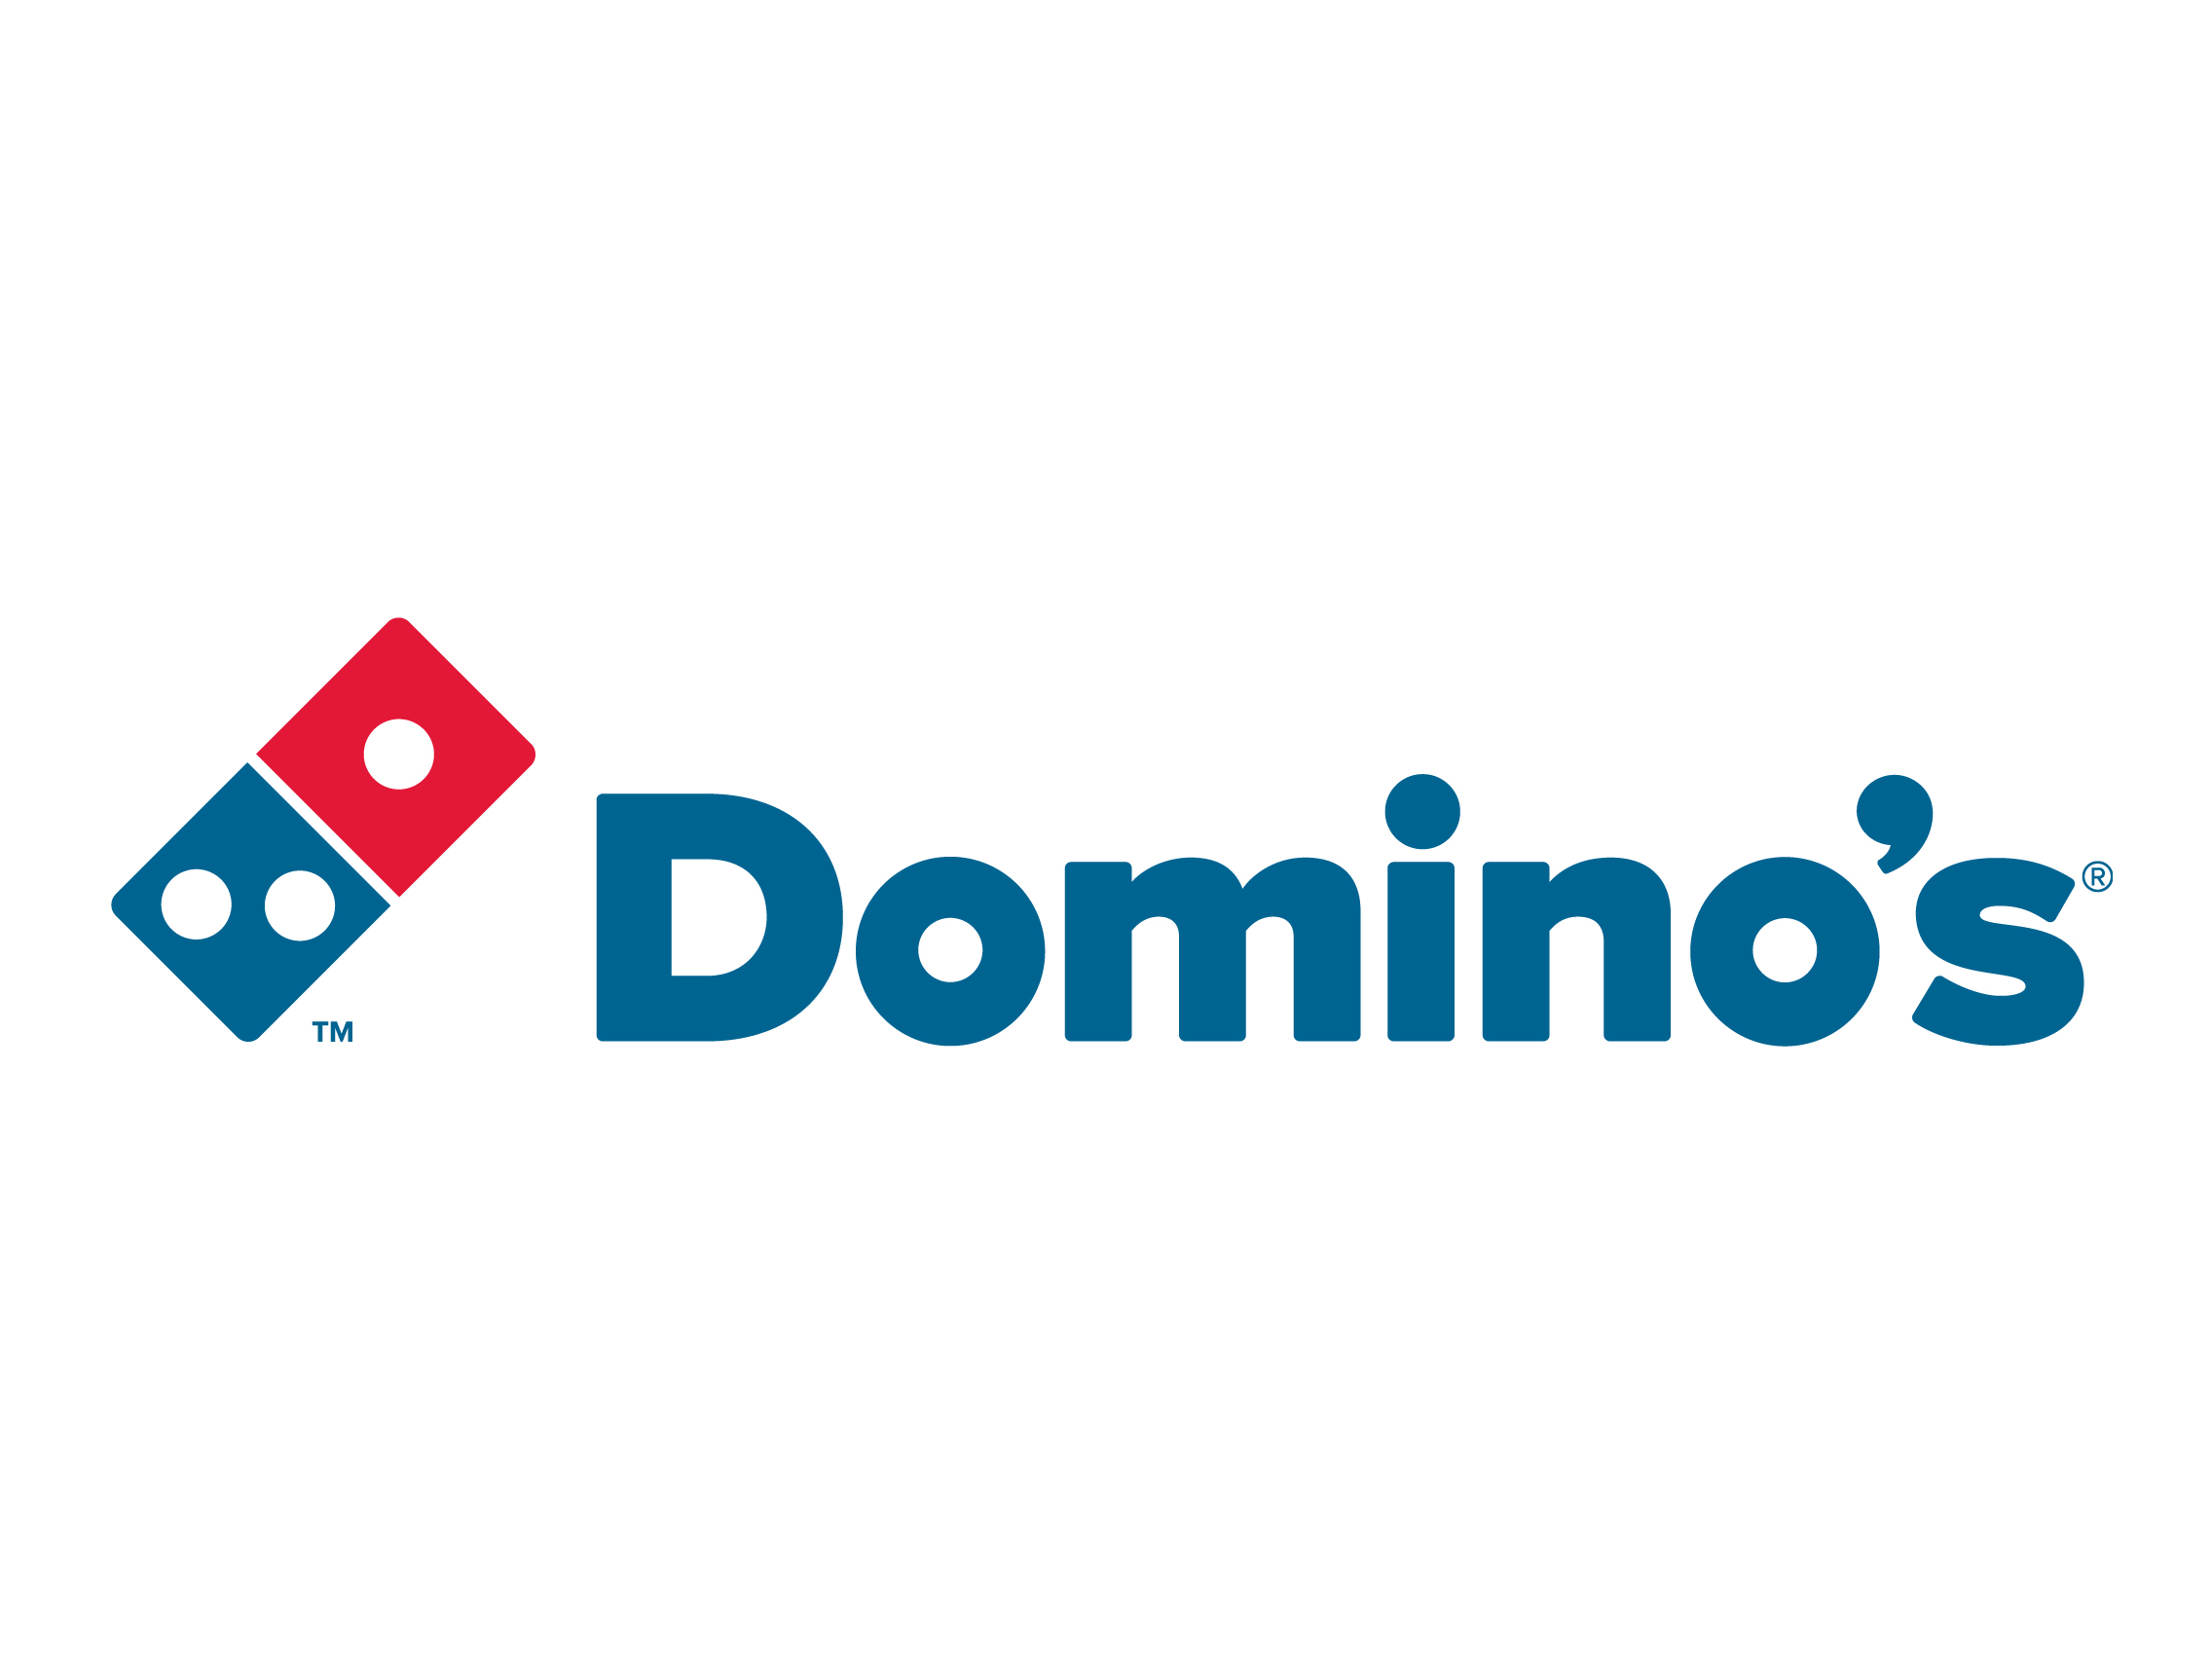 Dominos pizza Logos